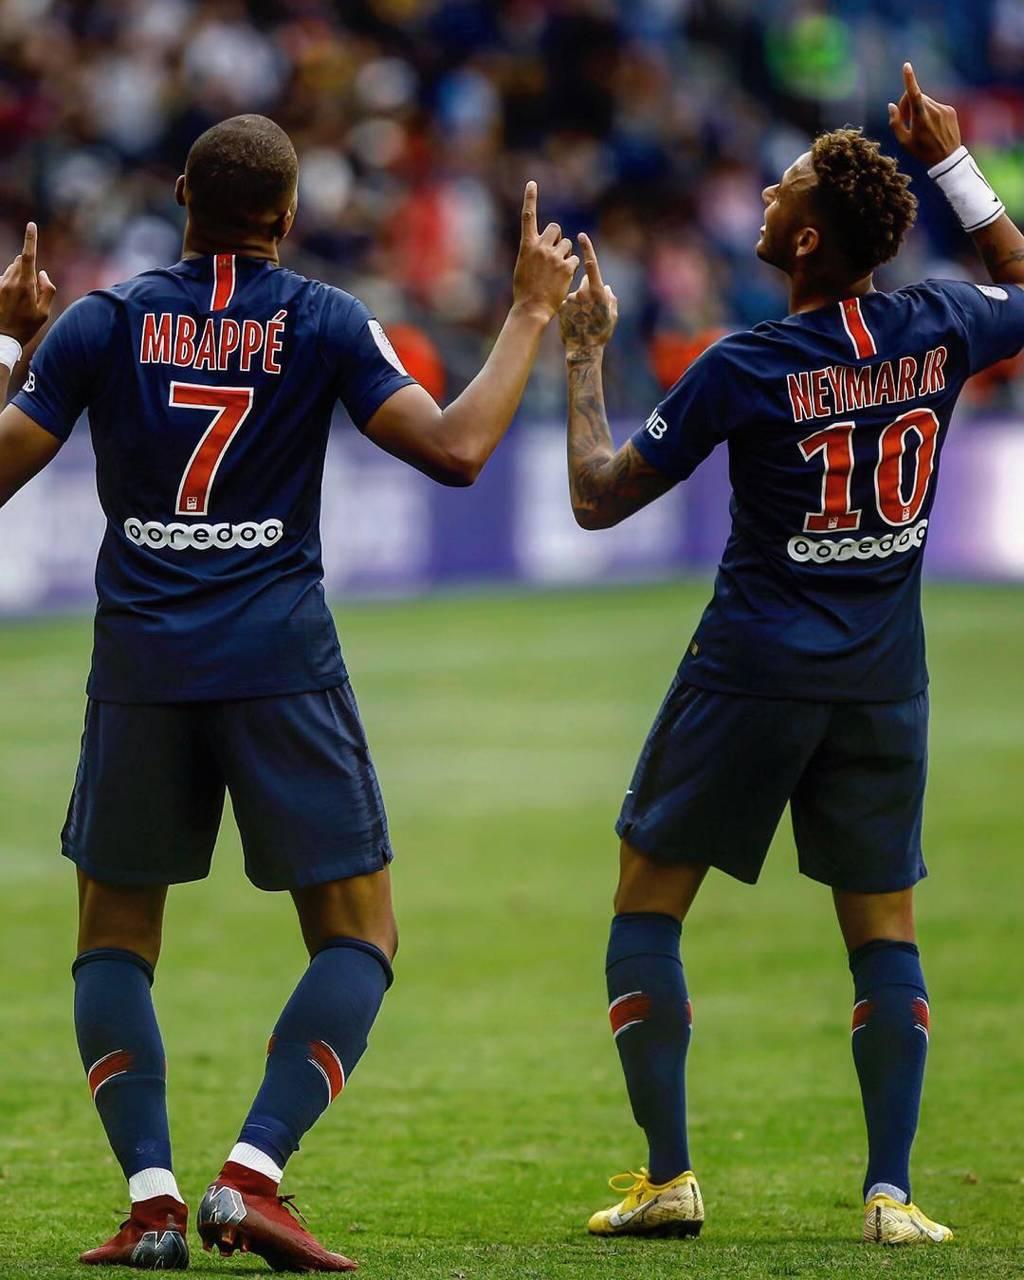 Neymar Mbappe Wallpaper By Nicolo69 08 Free On Zedge